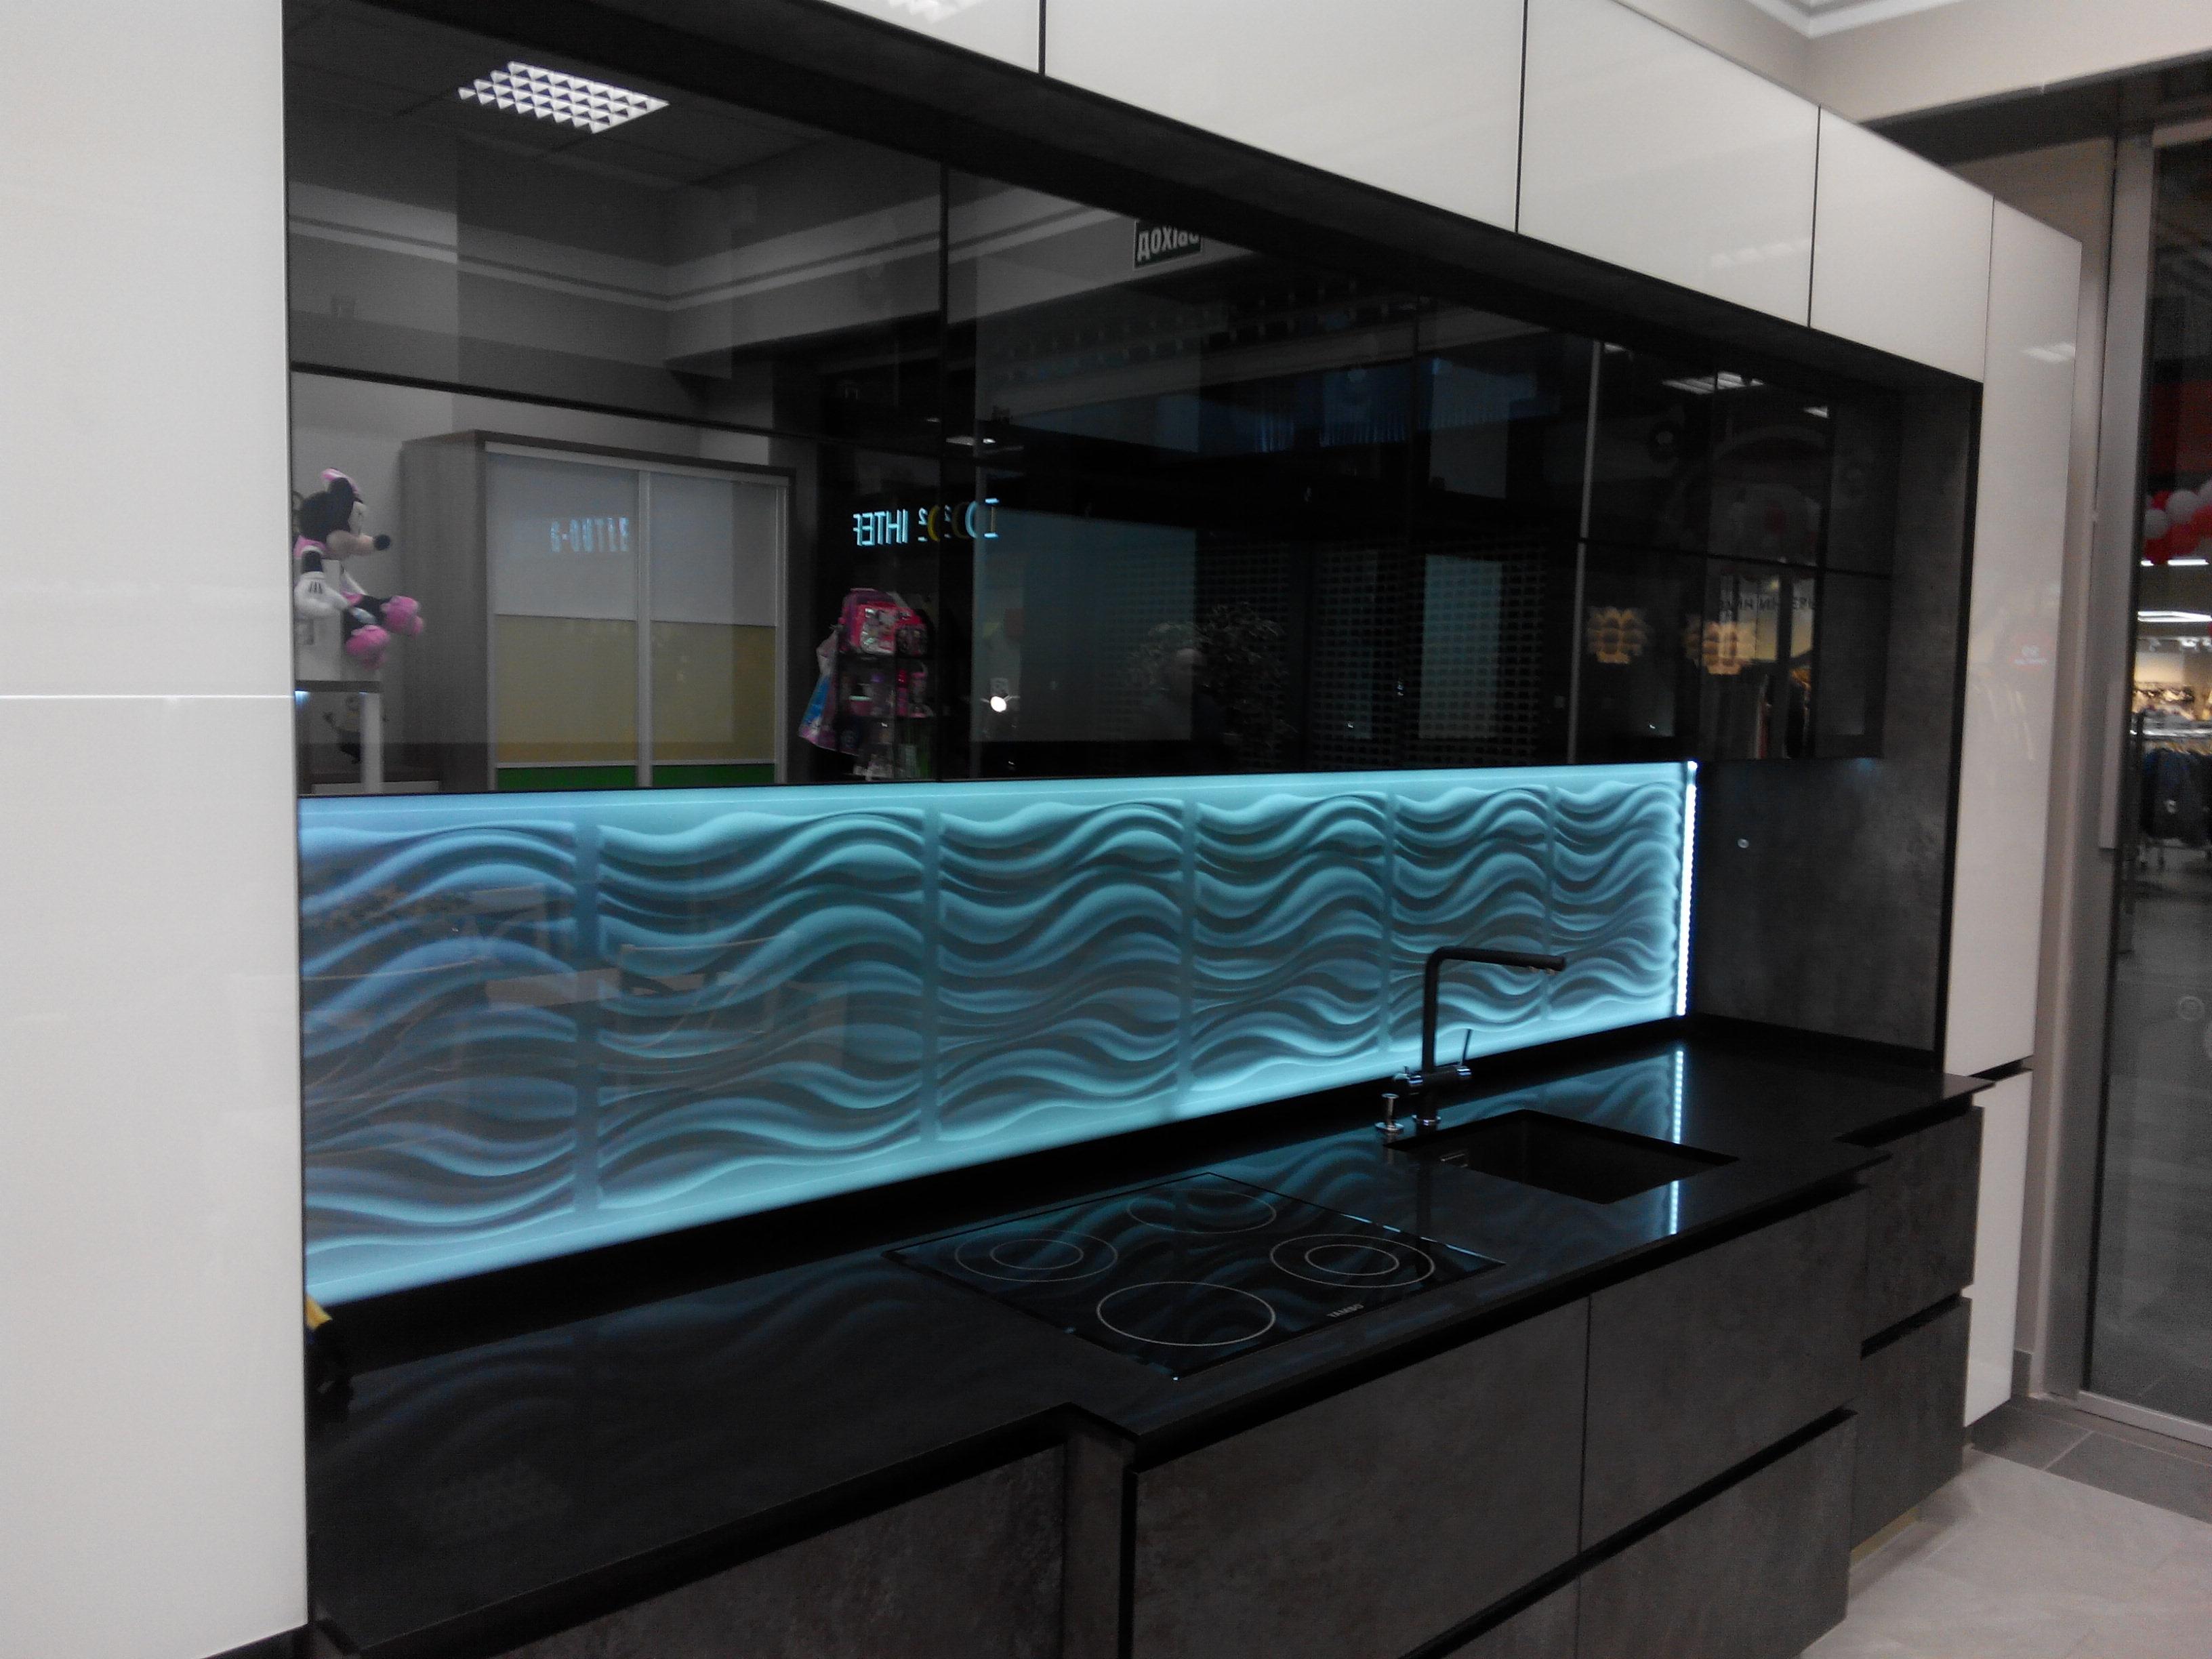 кухня из стеклянных мебельных фасадов и кухонного фартука из 3д панелей от компании Sagrado